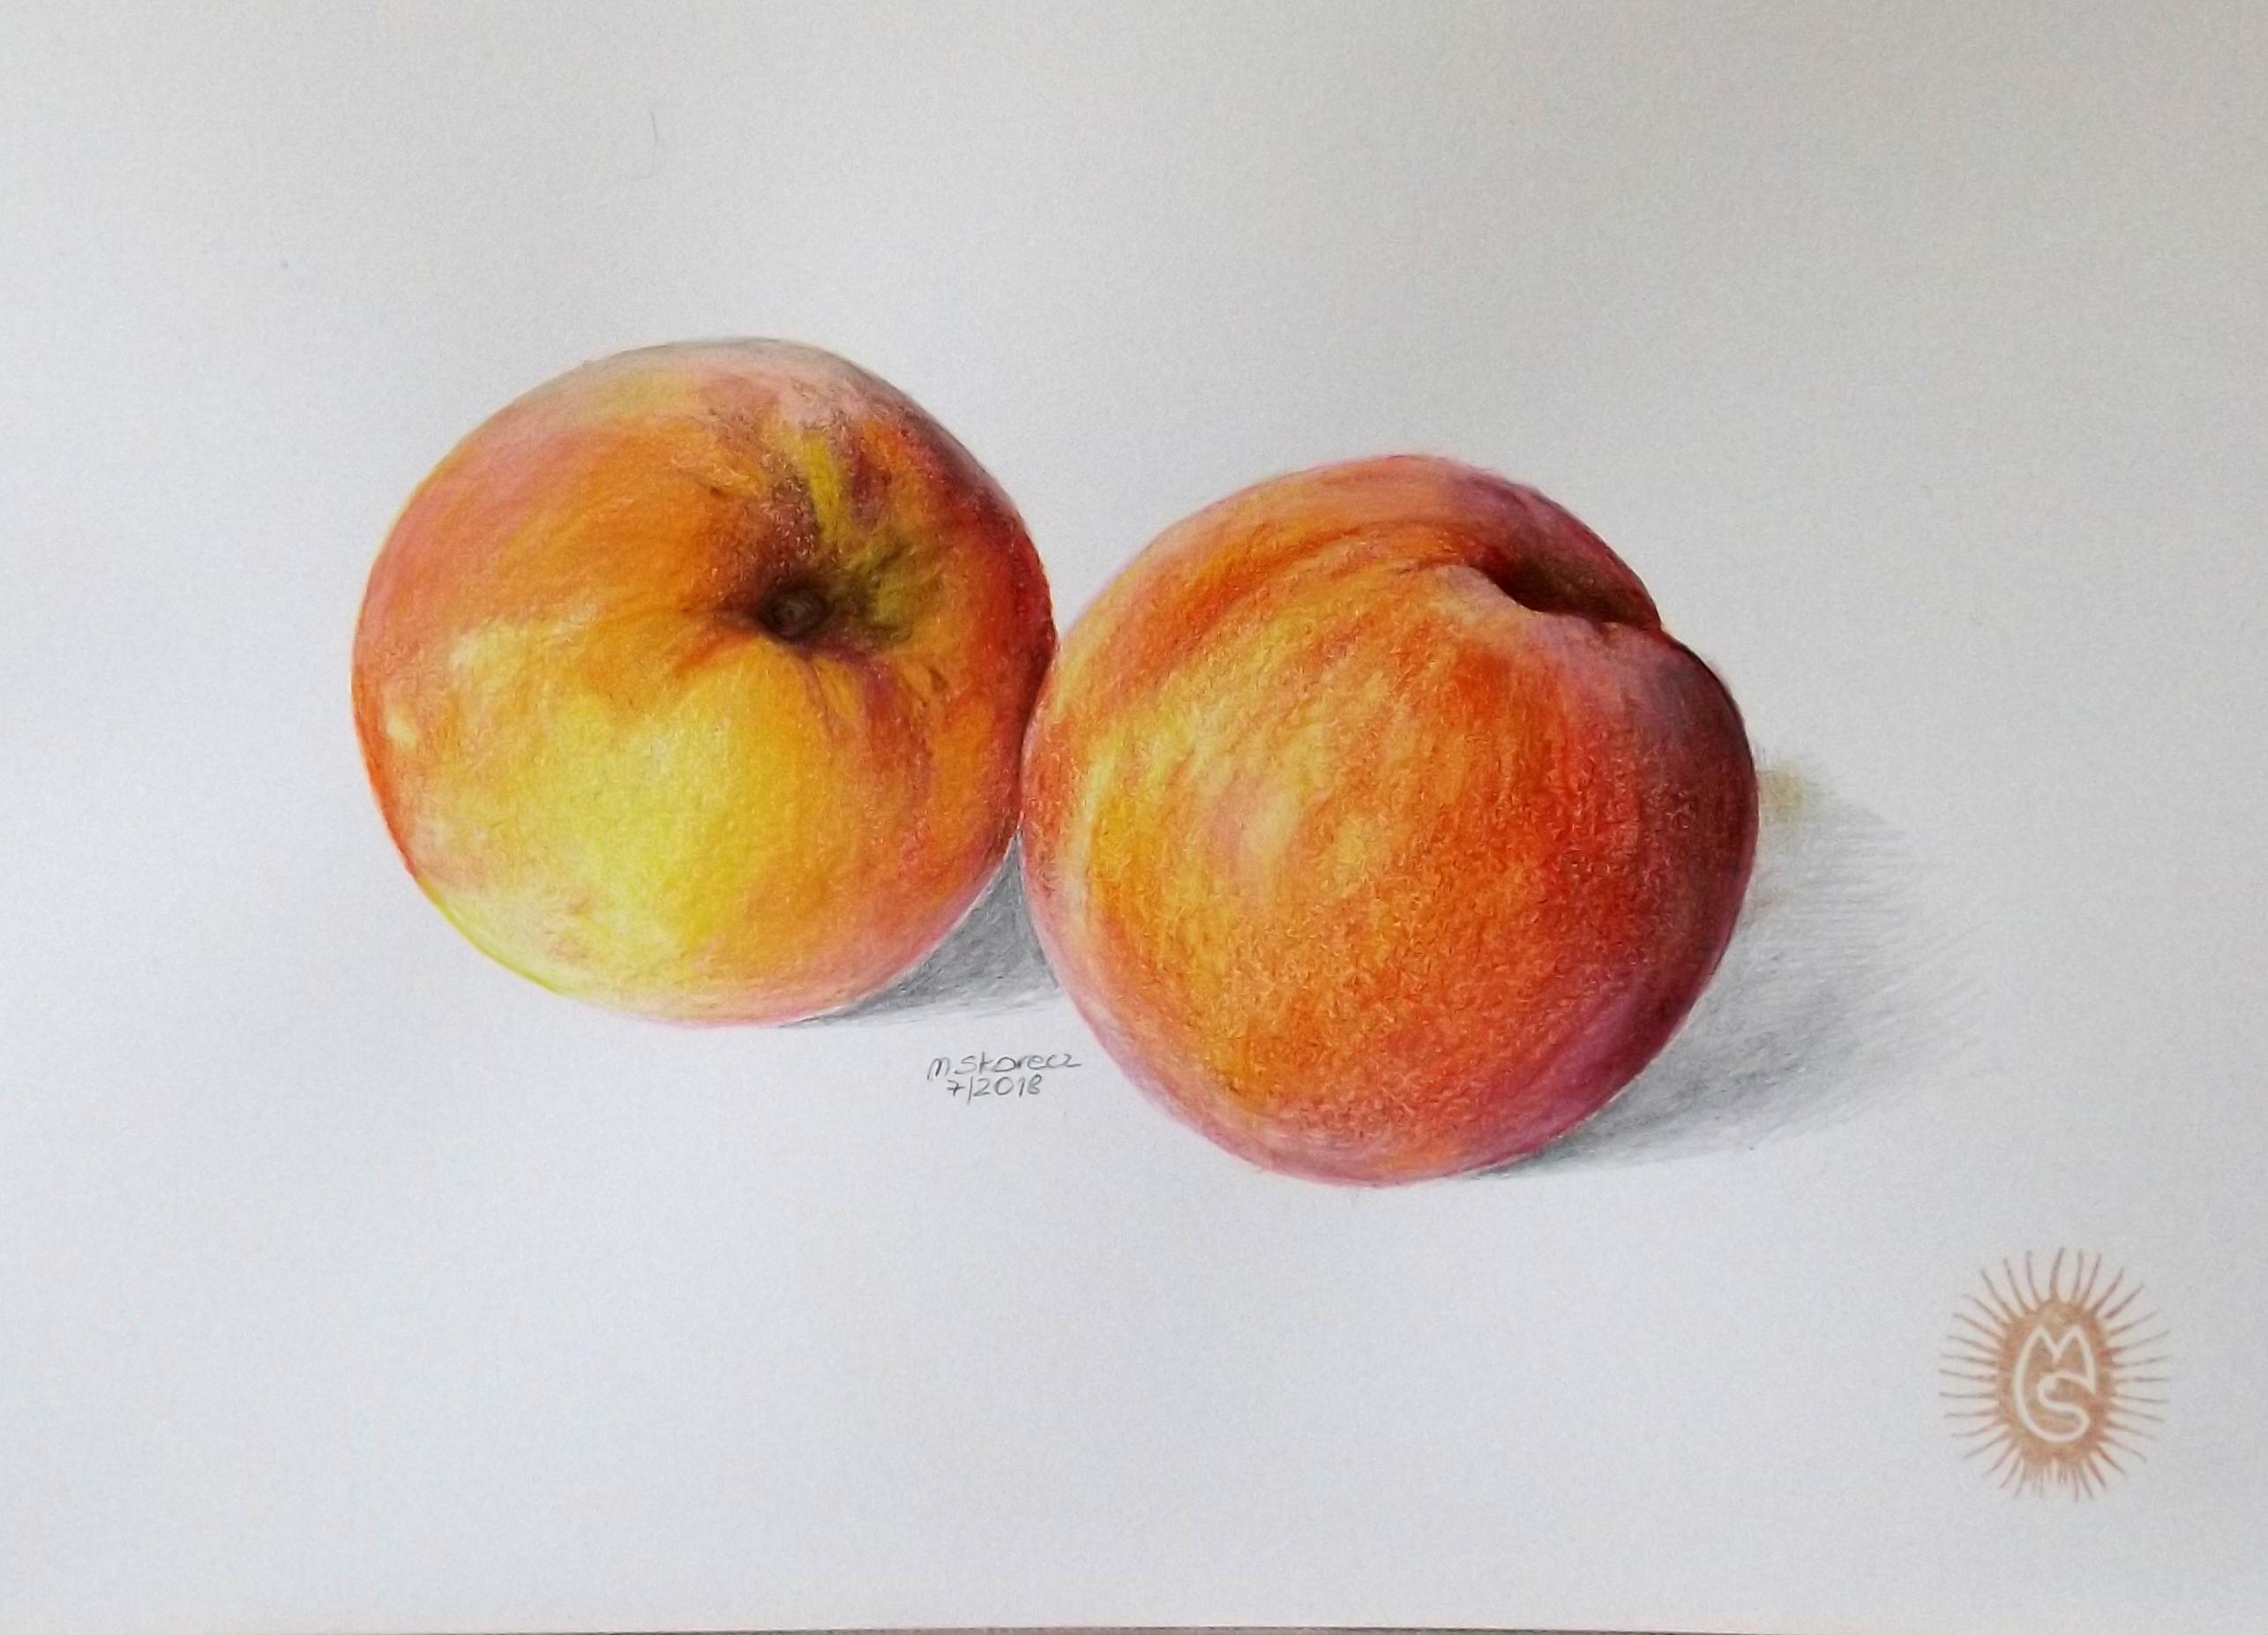 Pfirsiche und Nektarinen sind enge Verwandten